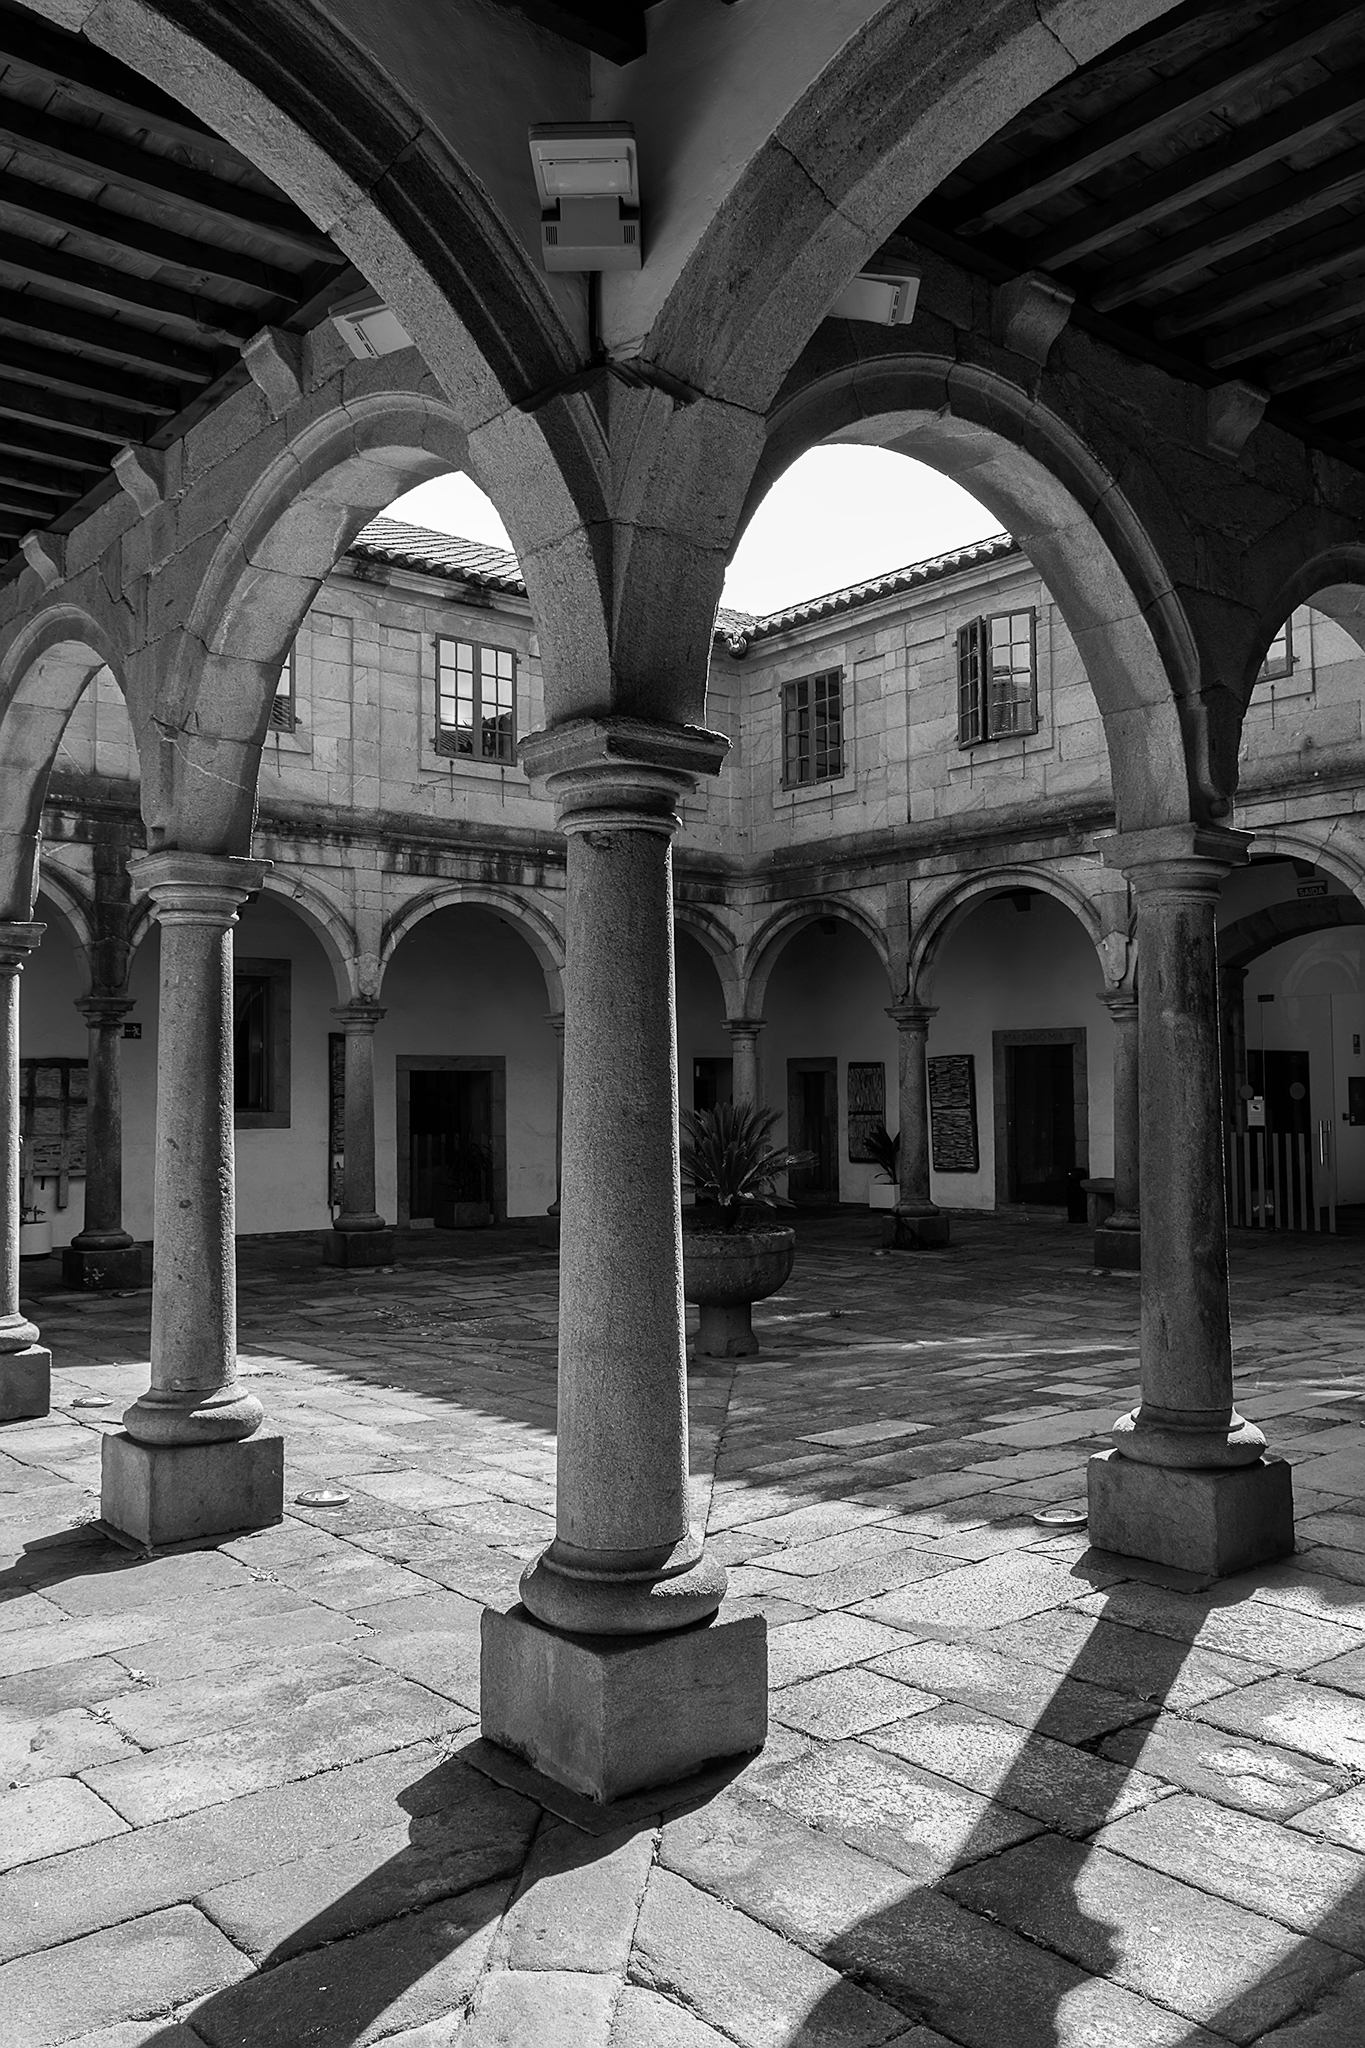 O Antigo Hospital de San Roque, edificio orixinario do século XVI e transformado no XVIII, foi levantado no ano 1578 entre a rúa das Rodas e a rúa de San Roque.</br></br>Fundado coa finalidade de atender aos enfermos que contraían as epidemias de peste que arrasaron a cidade (S. XVI) foi construído en advocación a San Roque, santo elixido para protexer da devandita enfermidade. A súa estrutura conta con planta rectangular e un claustro de dúas galerías nas que se dispoñen arcos de medio punto sobre columnas dóricas.</br></br>No ano 2000 este antigo hospital foi sometido a unha gran restauración e acondicionado co obxectivo de utilizalo para o desenvolvemento de actividades culturais.